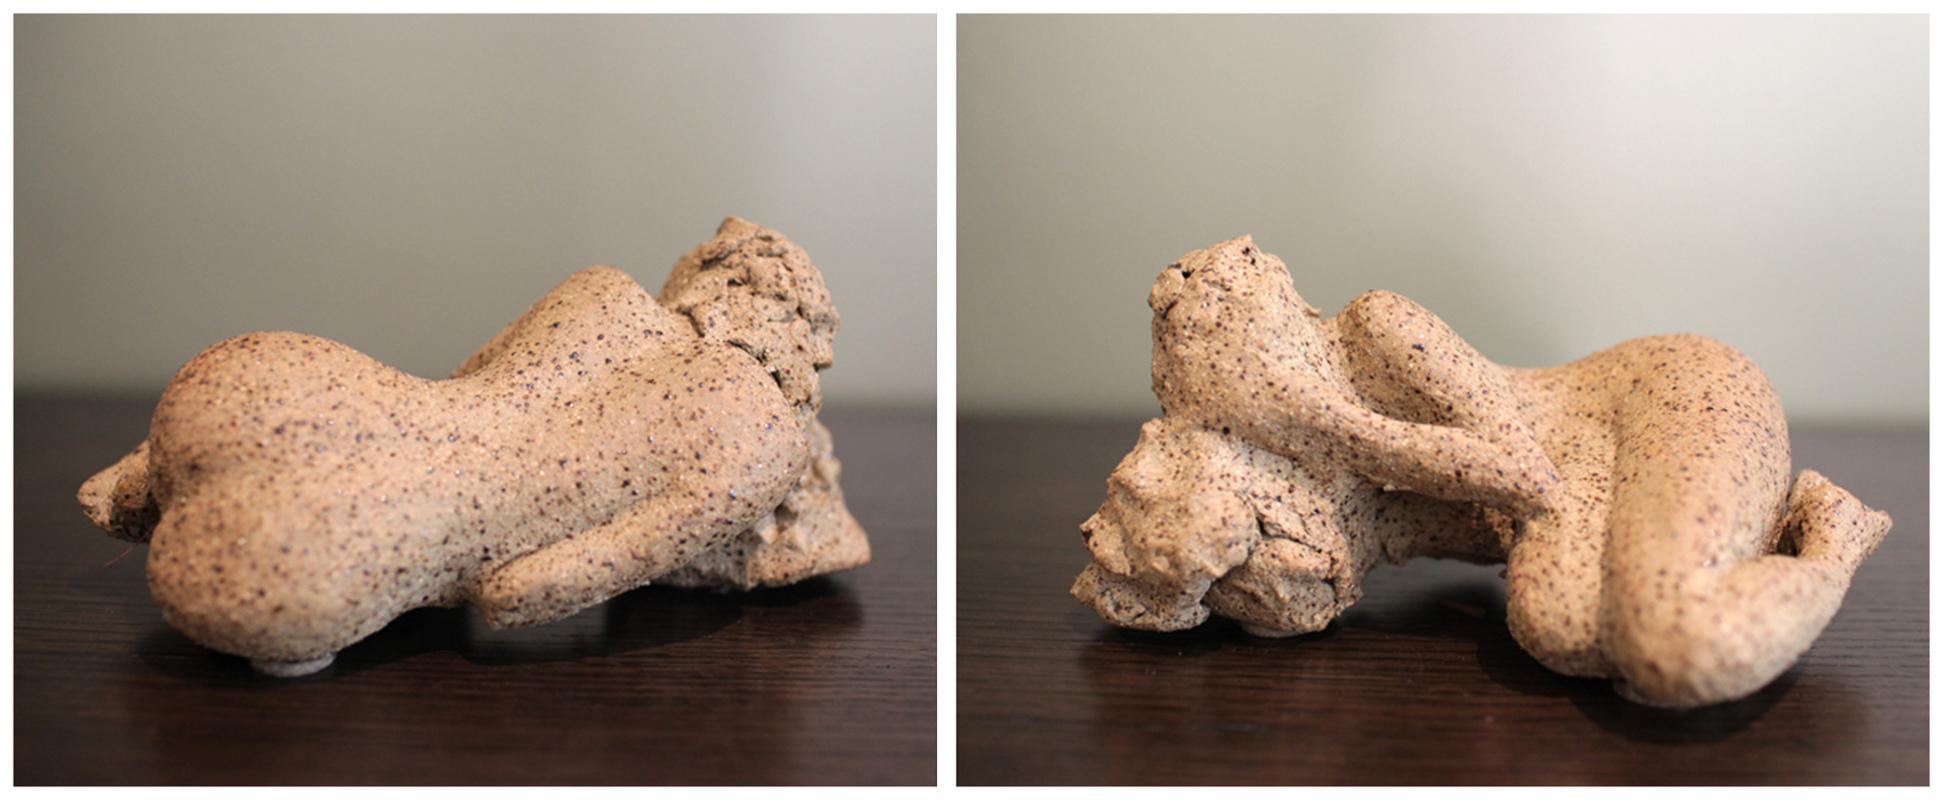 Karen Tabak Artist - Reclining figure no 1. 160w x 220d x 180. Ceramic clay, fired.